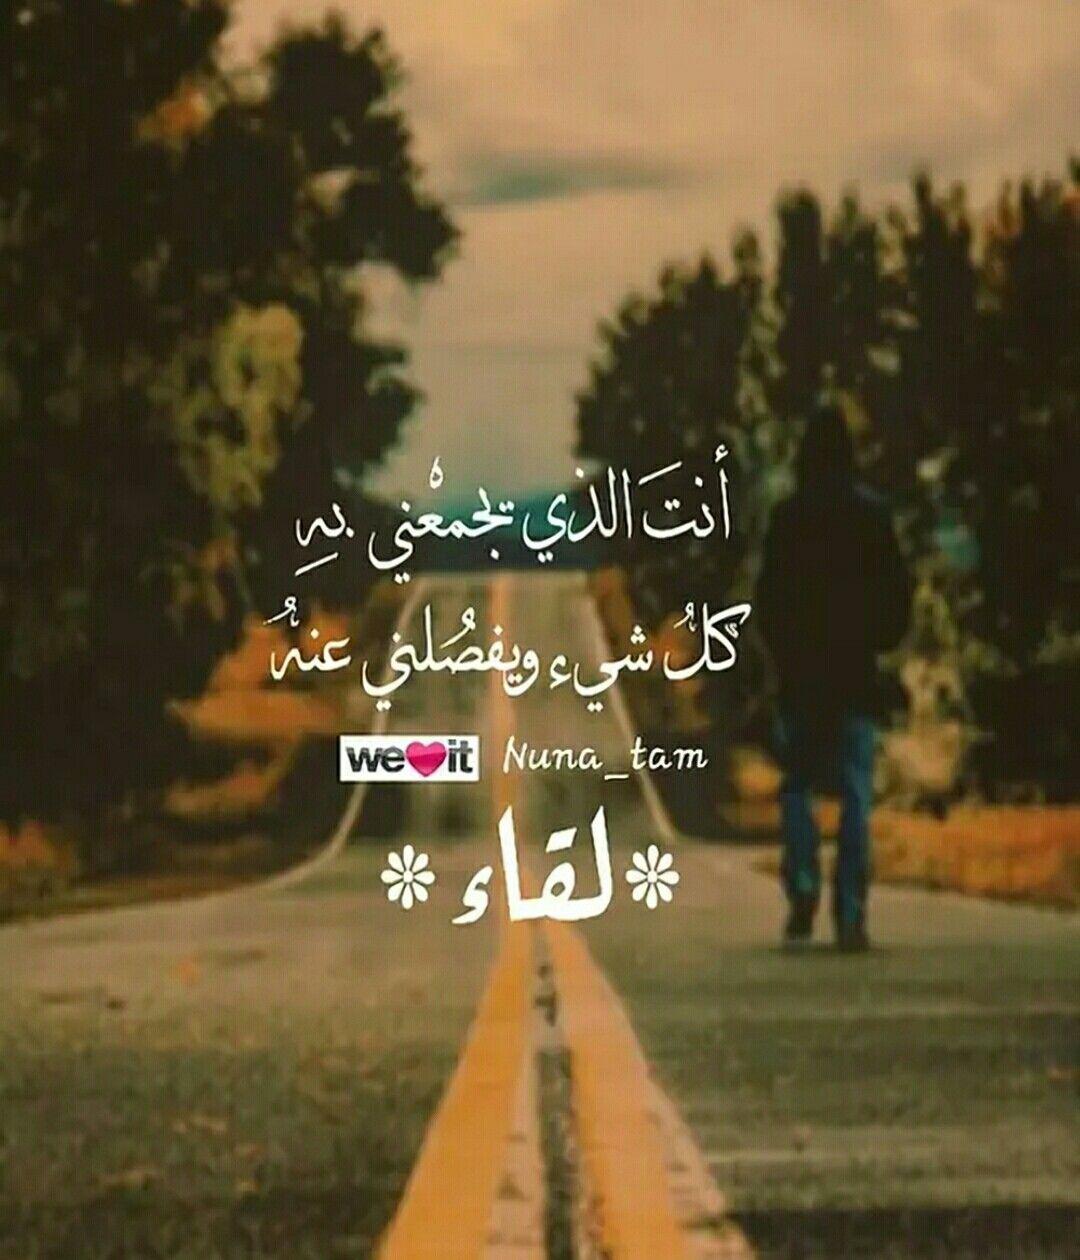 يوما ما سنلتقي Arabic Words Favorite Quotes Words